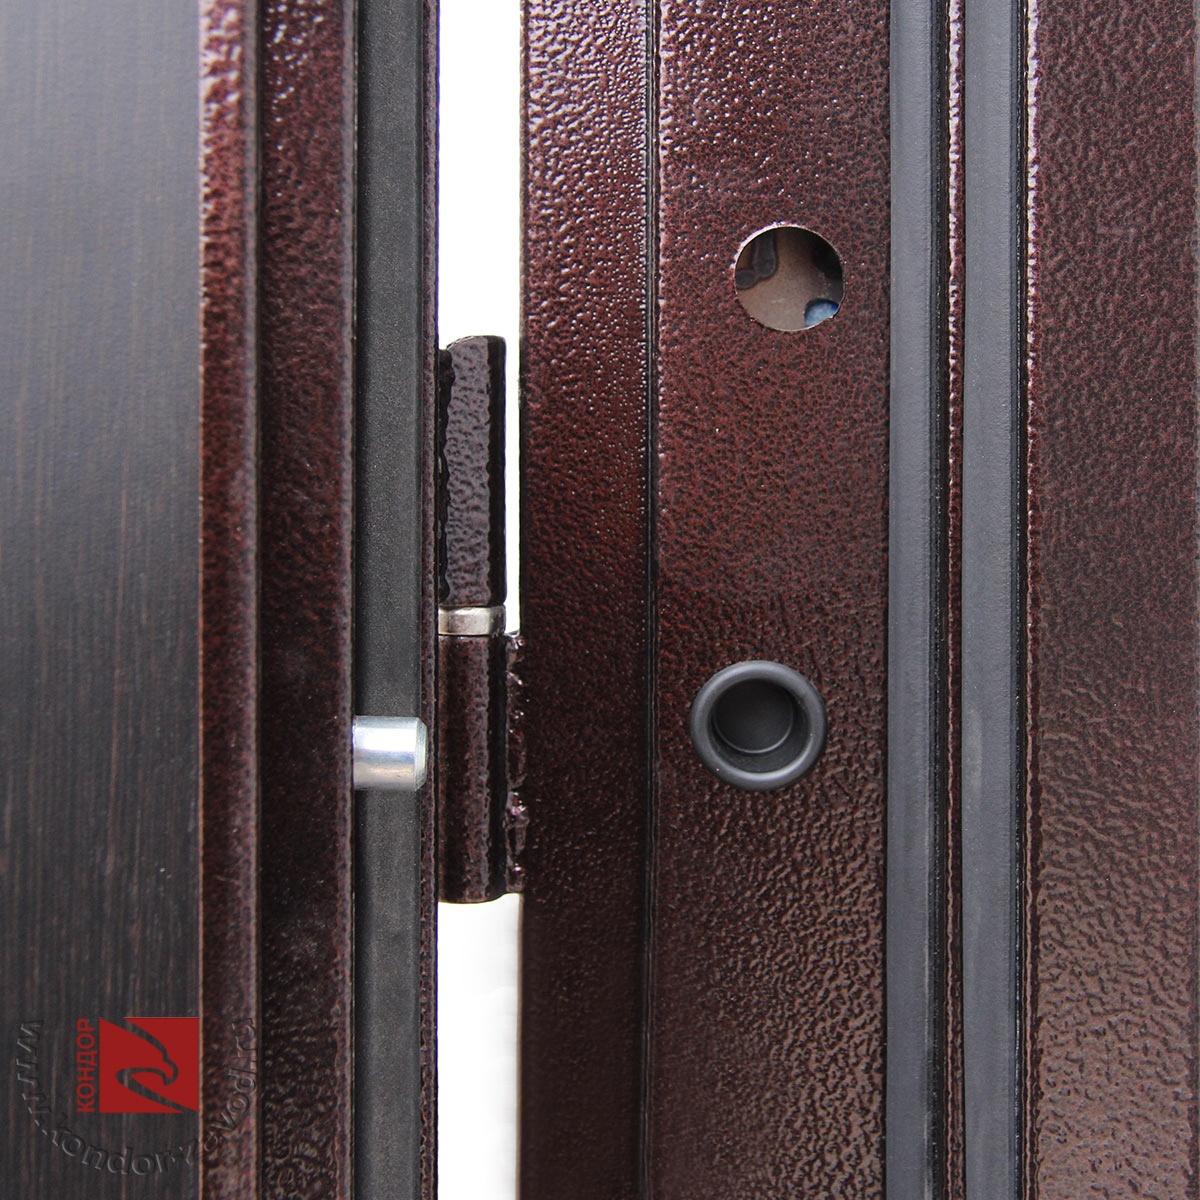 Дверное полотно Кондор Терморазрыв, brand = Лис, price=28000